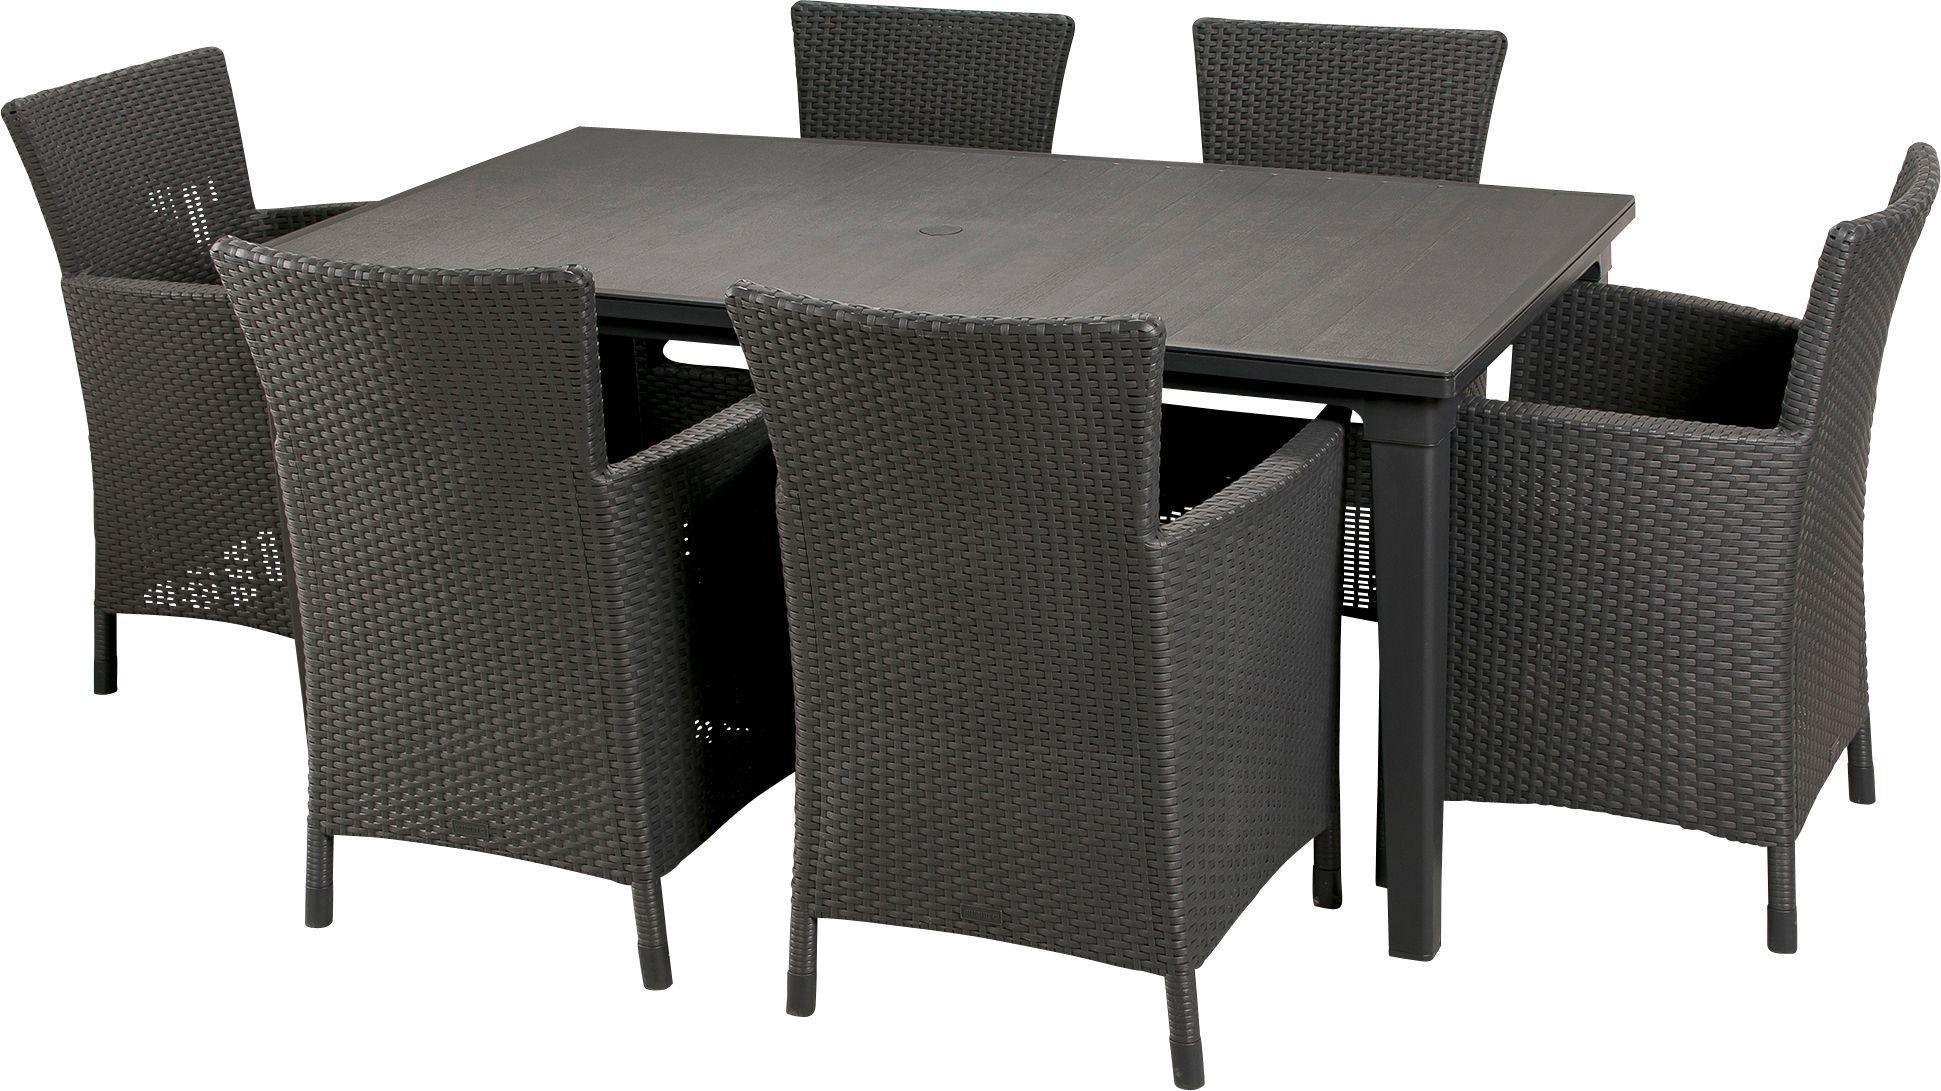 Keter Iowa Rattan 6 Seater Garden Dining Set. Garden Furniture   Go Argos